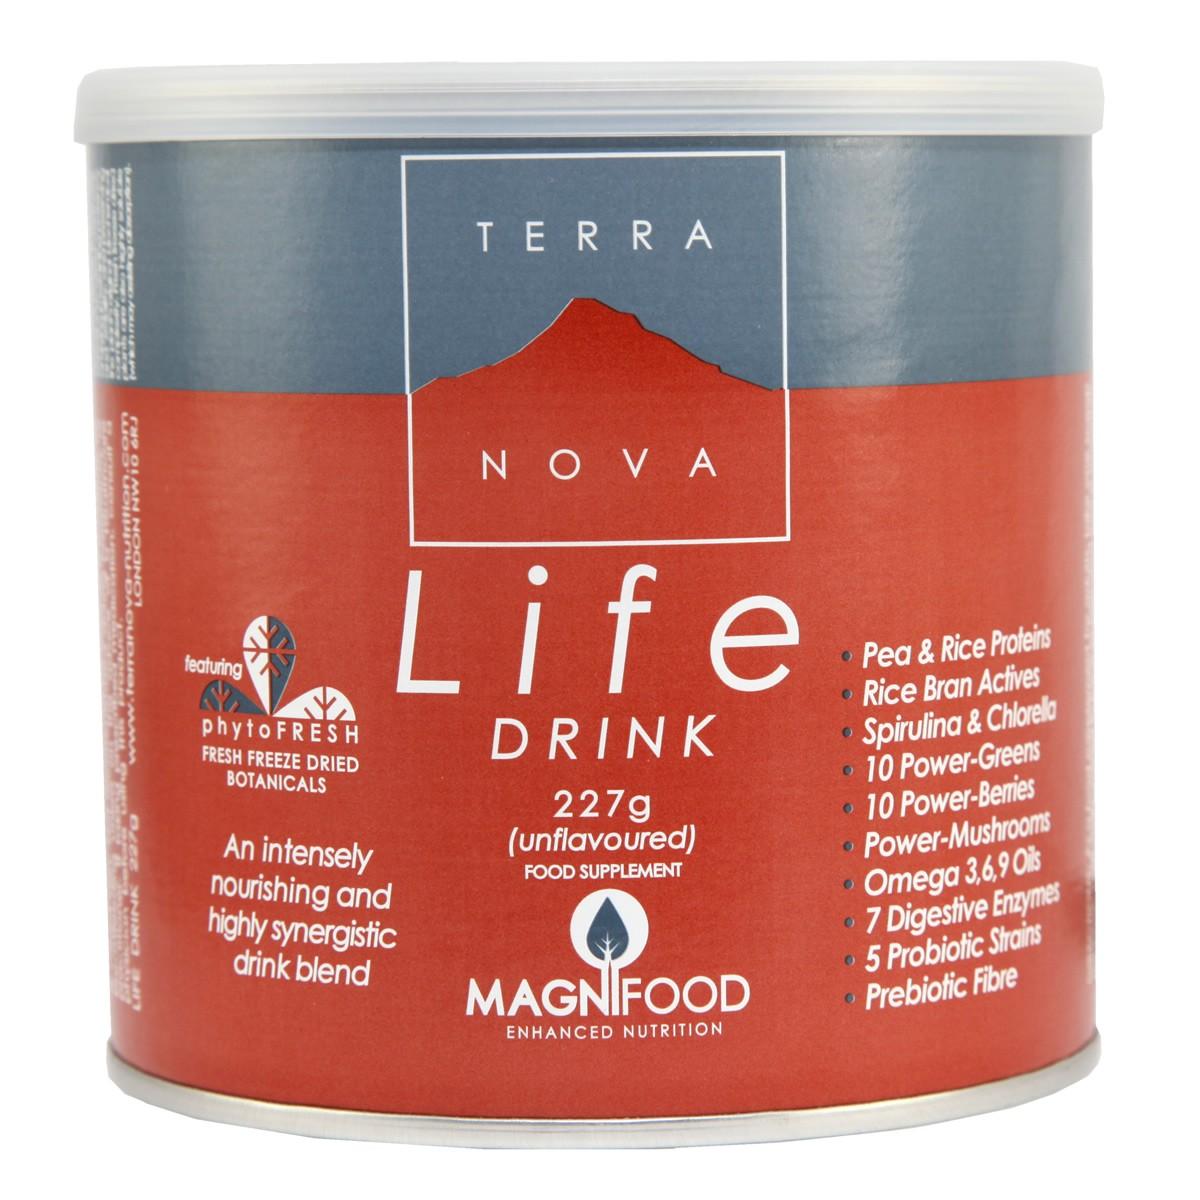 Terra Nova Life Drink